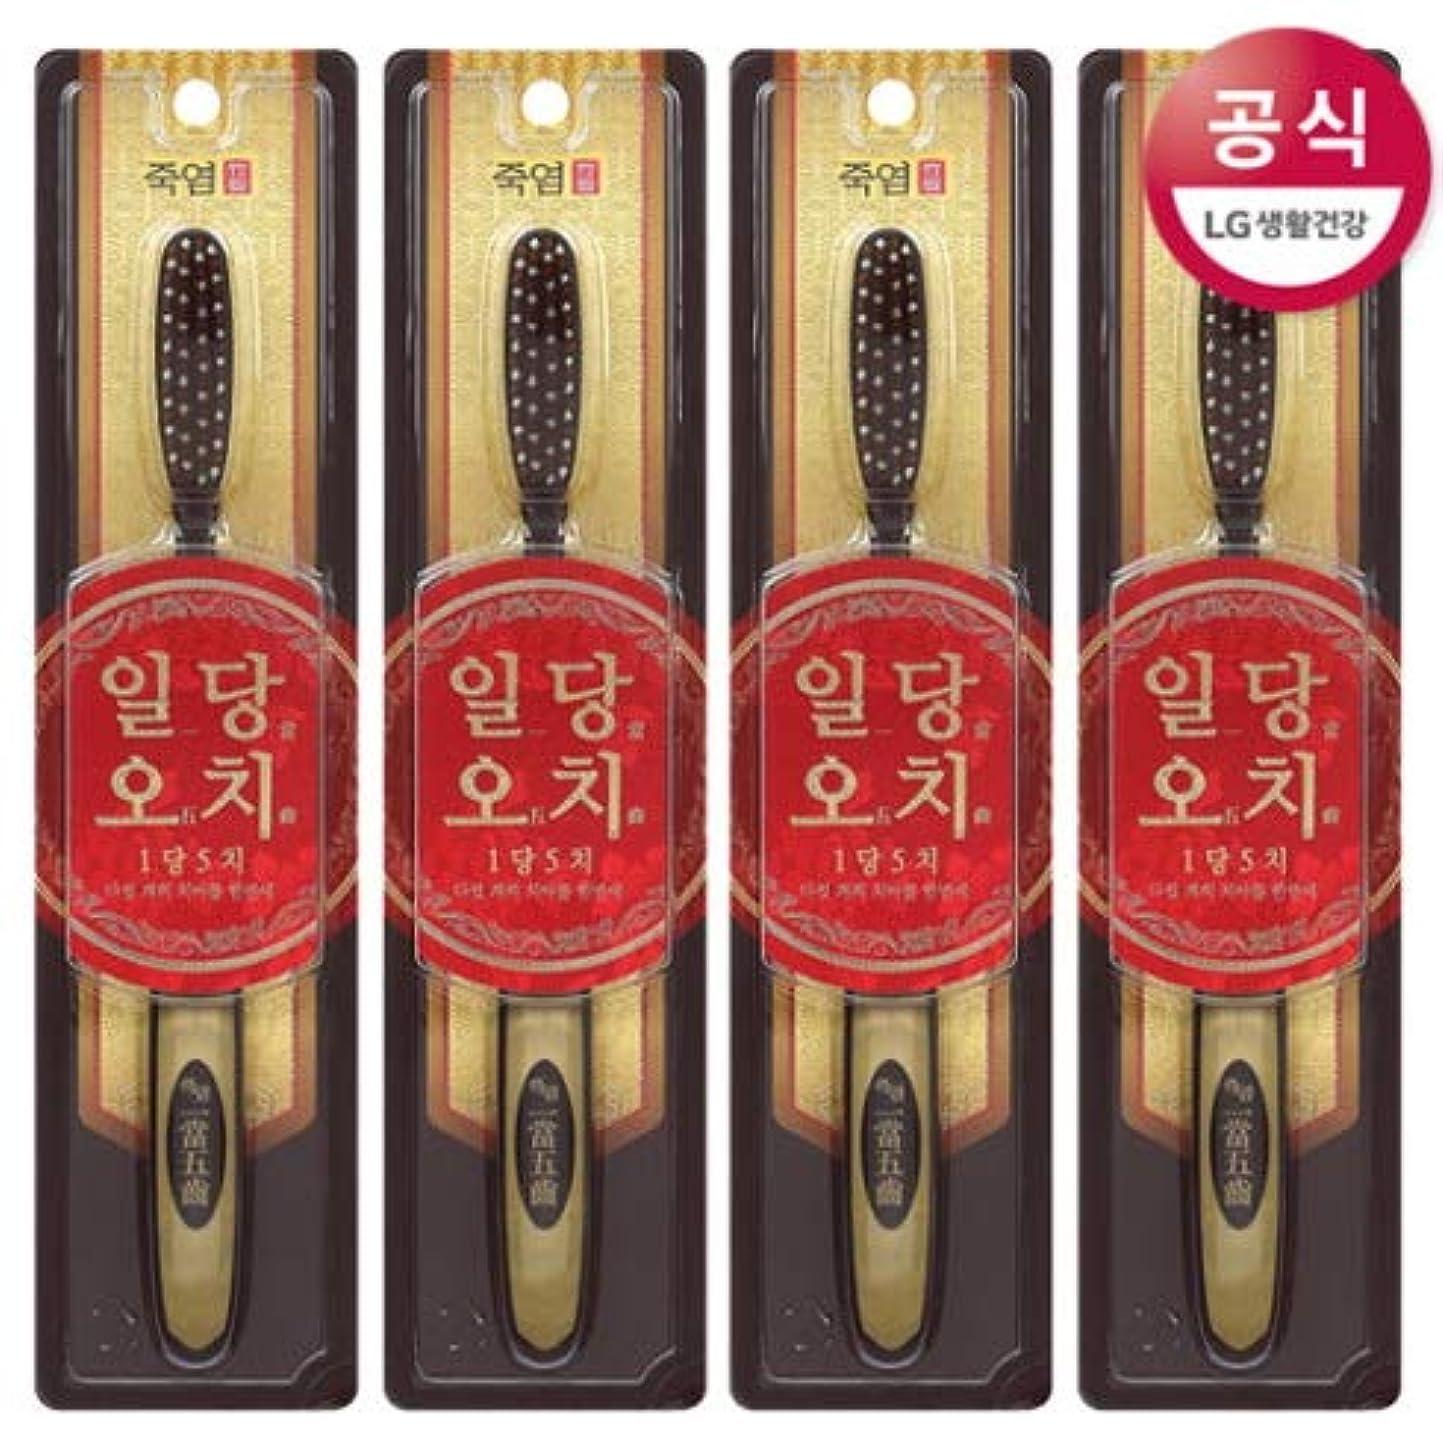 警官最初で出来ている[LG HnB] Bamboo Salt Oodi toothbrush/竹塩日当越智歯ブラシ 5つの(海外直送品)